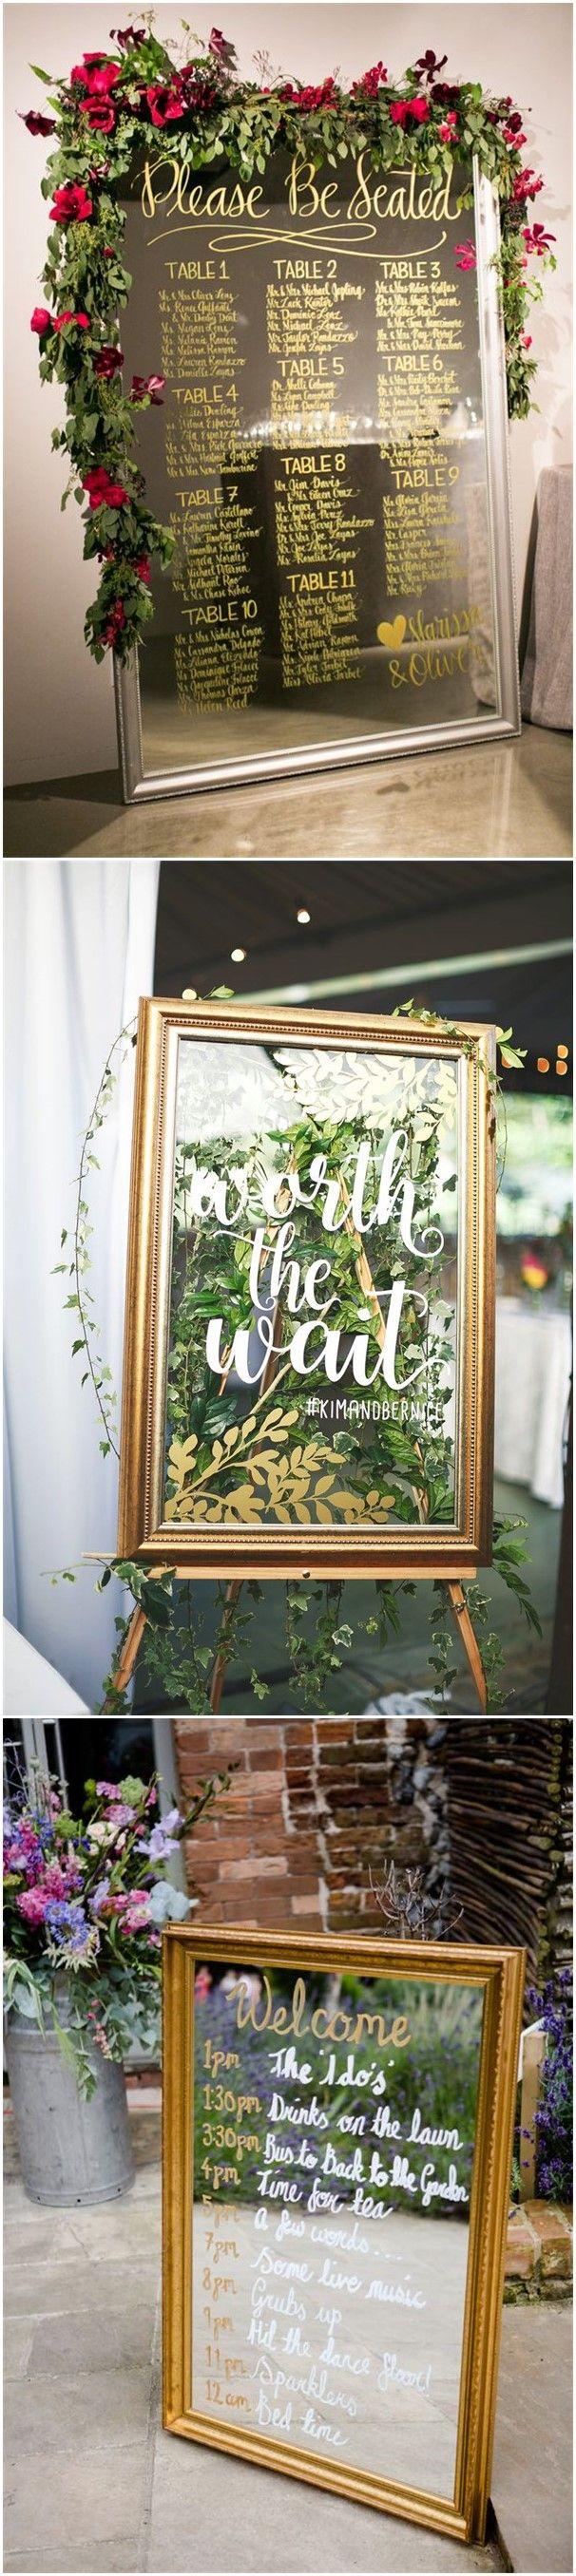 Unique church wedding decoration ideas  Wedding Decorations   Vintage Mirror Wedding Sign Decoration